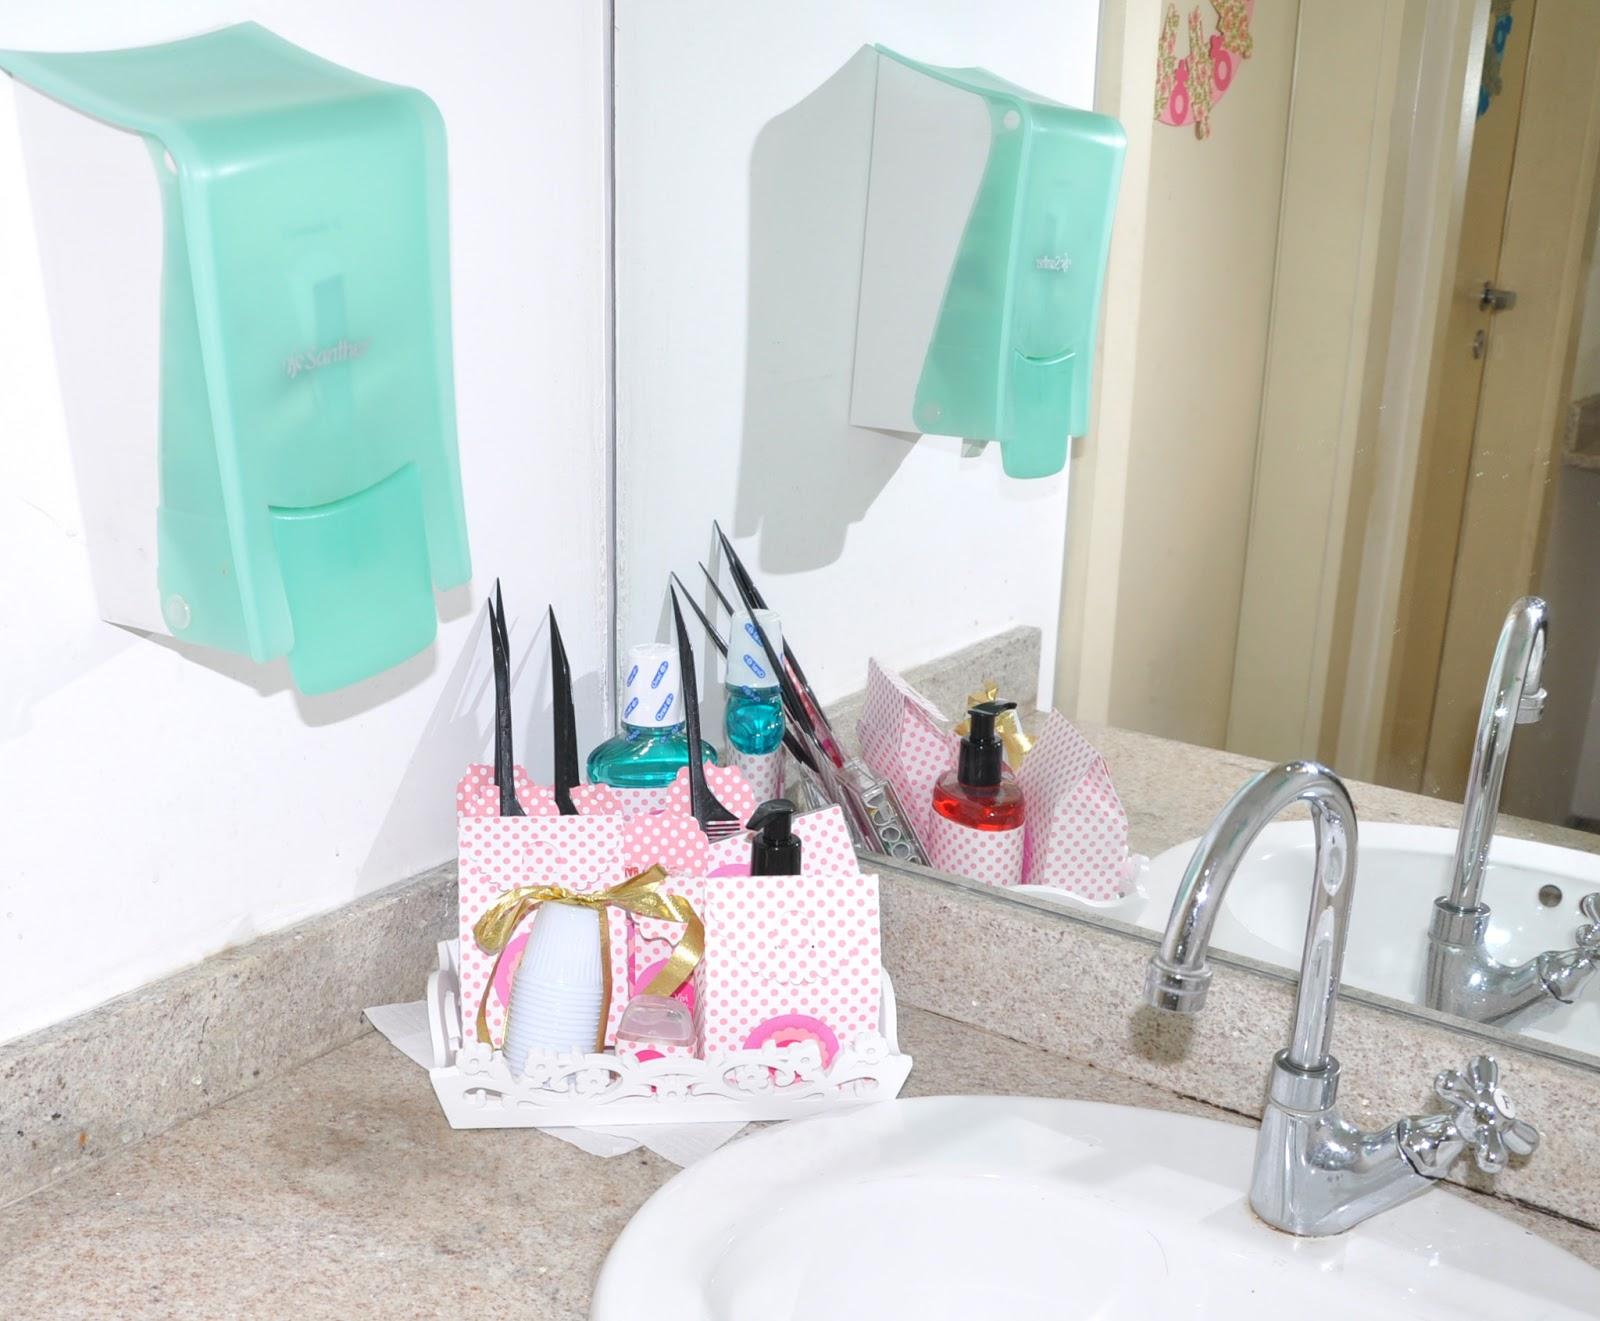 Mirabolarte  Scrapbook e Cartonagem DE REPENTE 30! VIVI -> Banheiro Feminino Espanhol